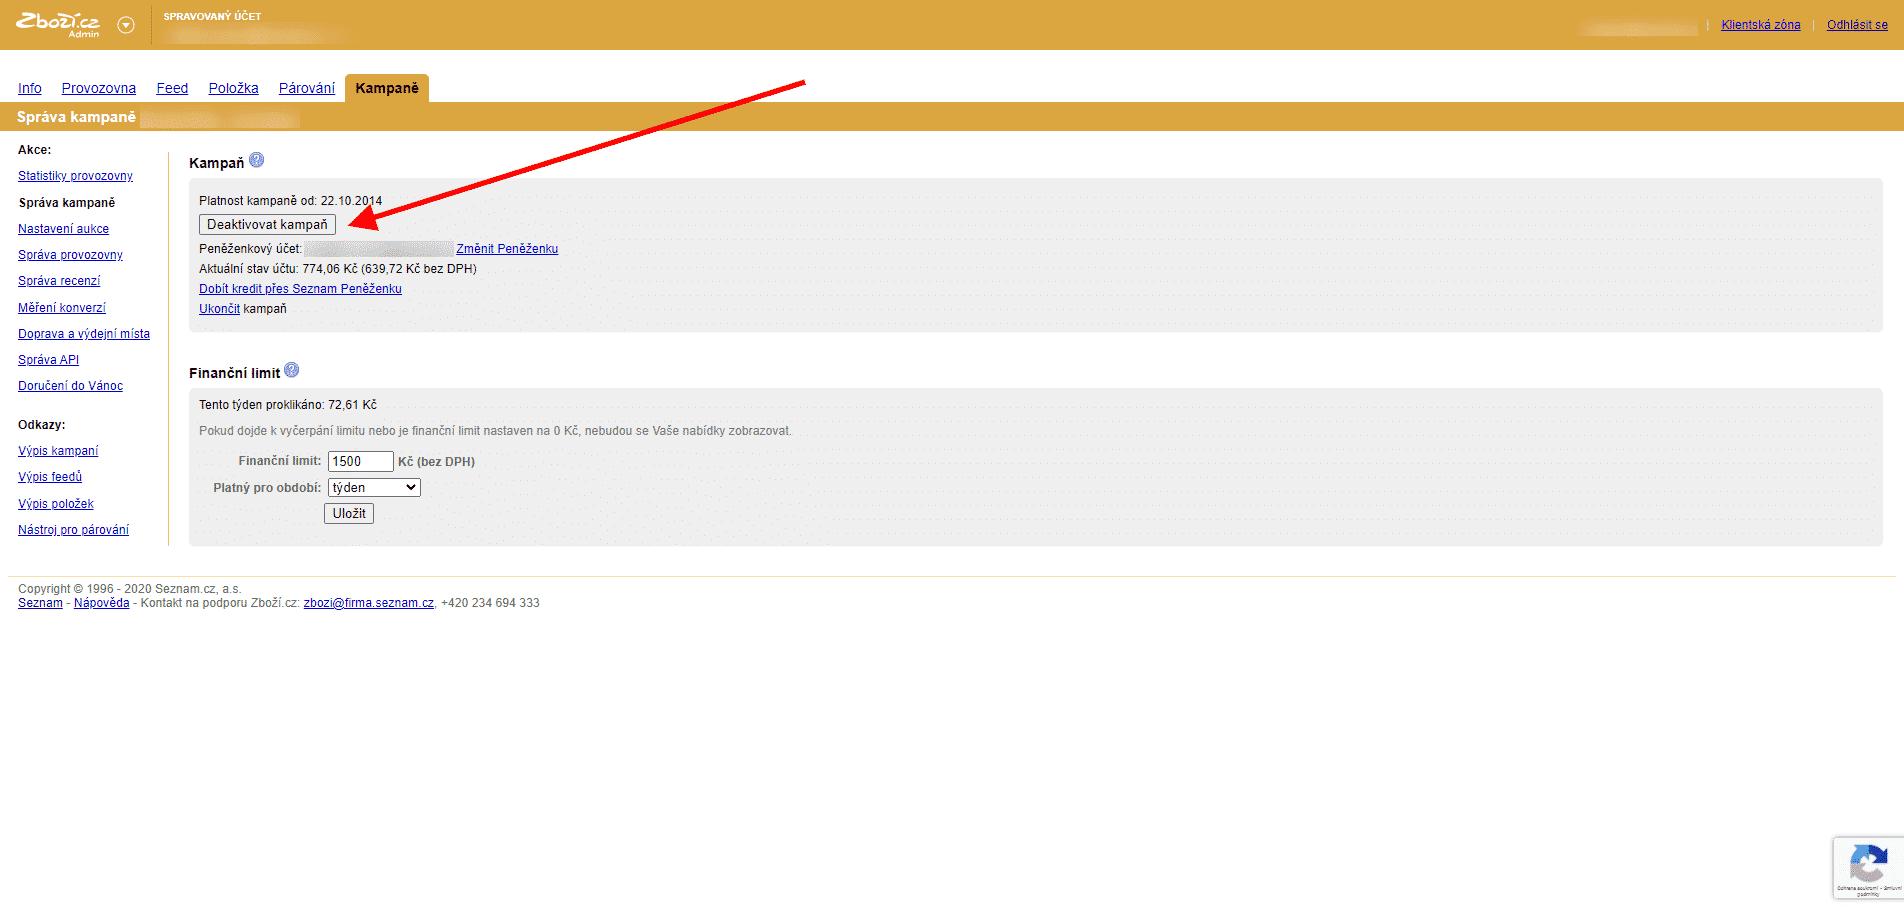 Zboží.cz, deaktivace kampaně